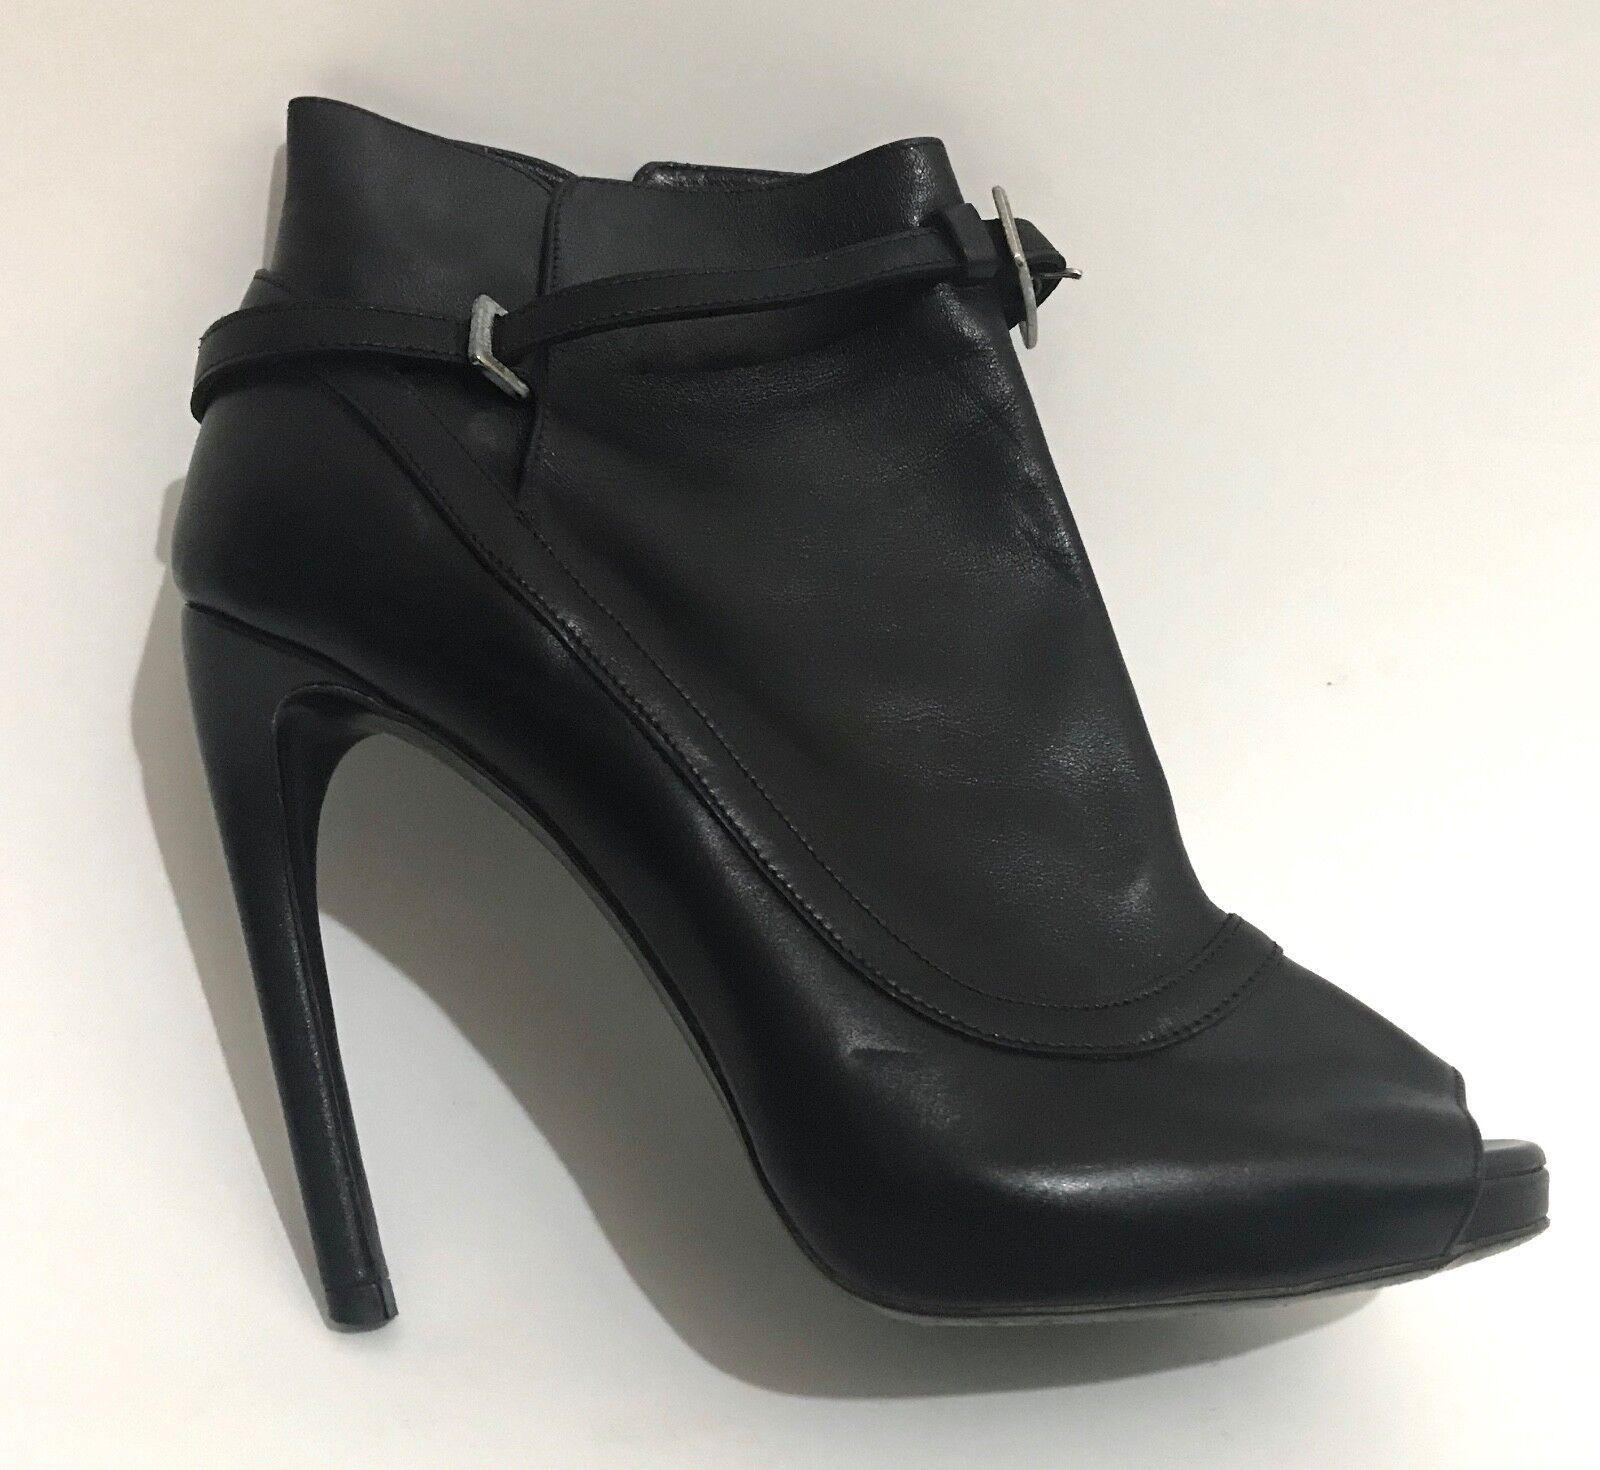 negozio di vendita outlet Roger Vivier Vivier Vivier Paris Stiletto scarpe Dimensione 6.5 nero Leather avvioies  - Retail  1150  preferenziale